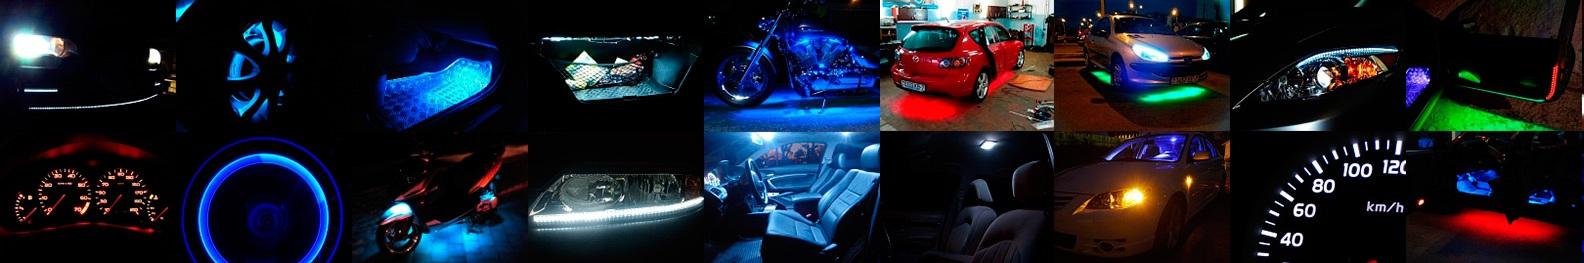 Где можно применять светодиоды в автомобиле?